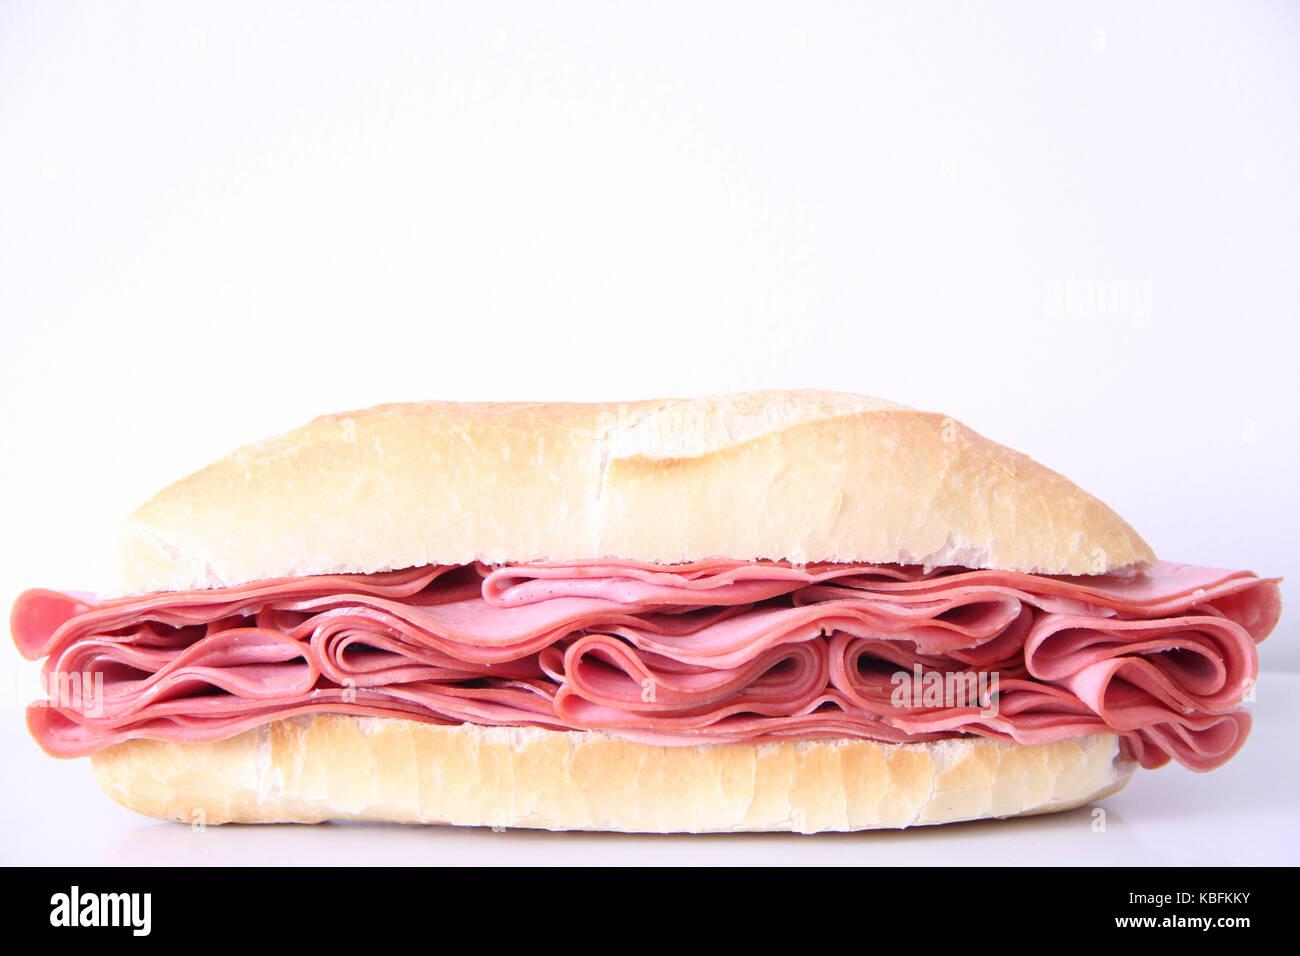 FKK - Brazil Sandwich, bologna, bread, São Paulo, Brazil